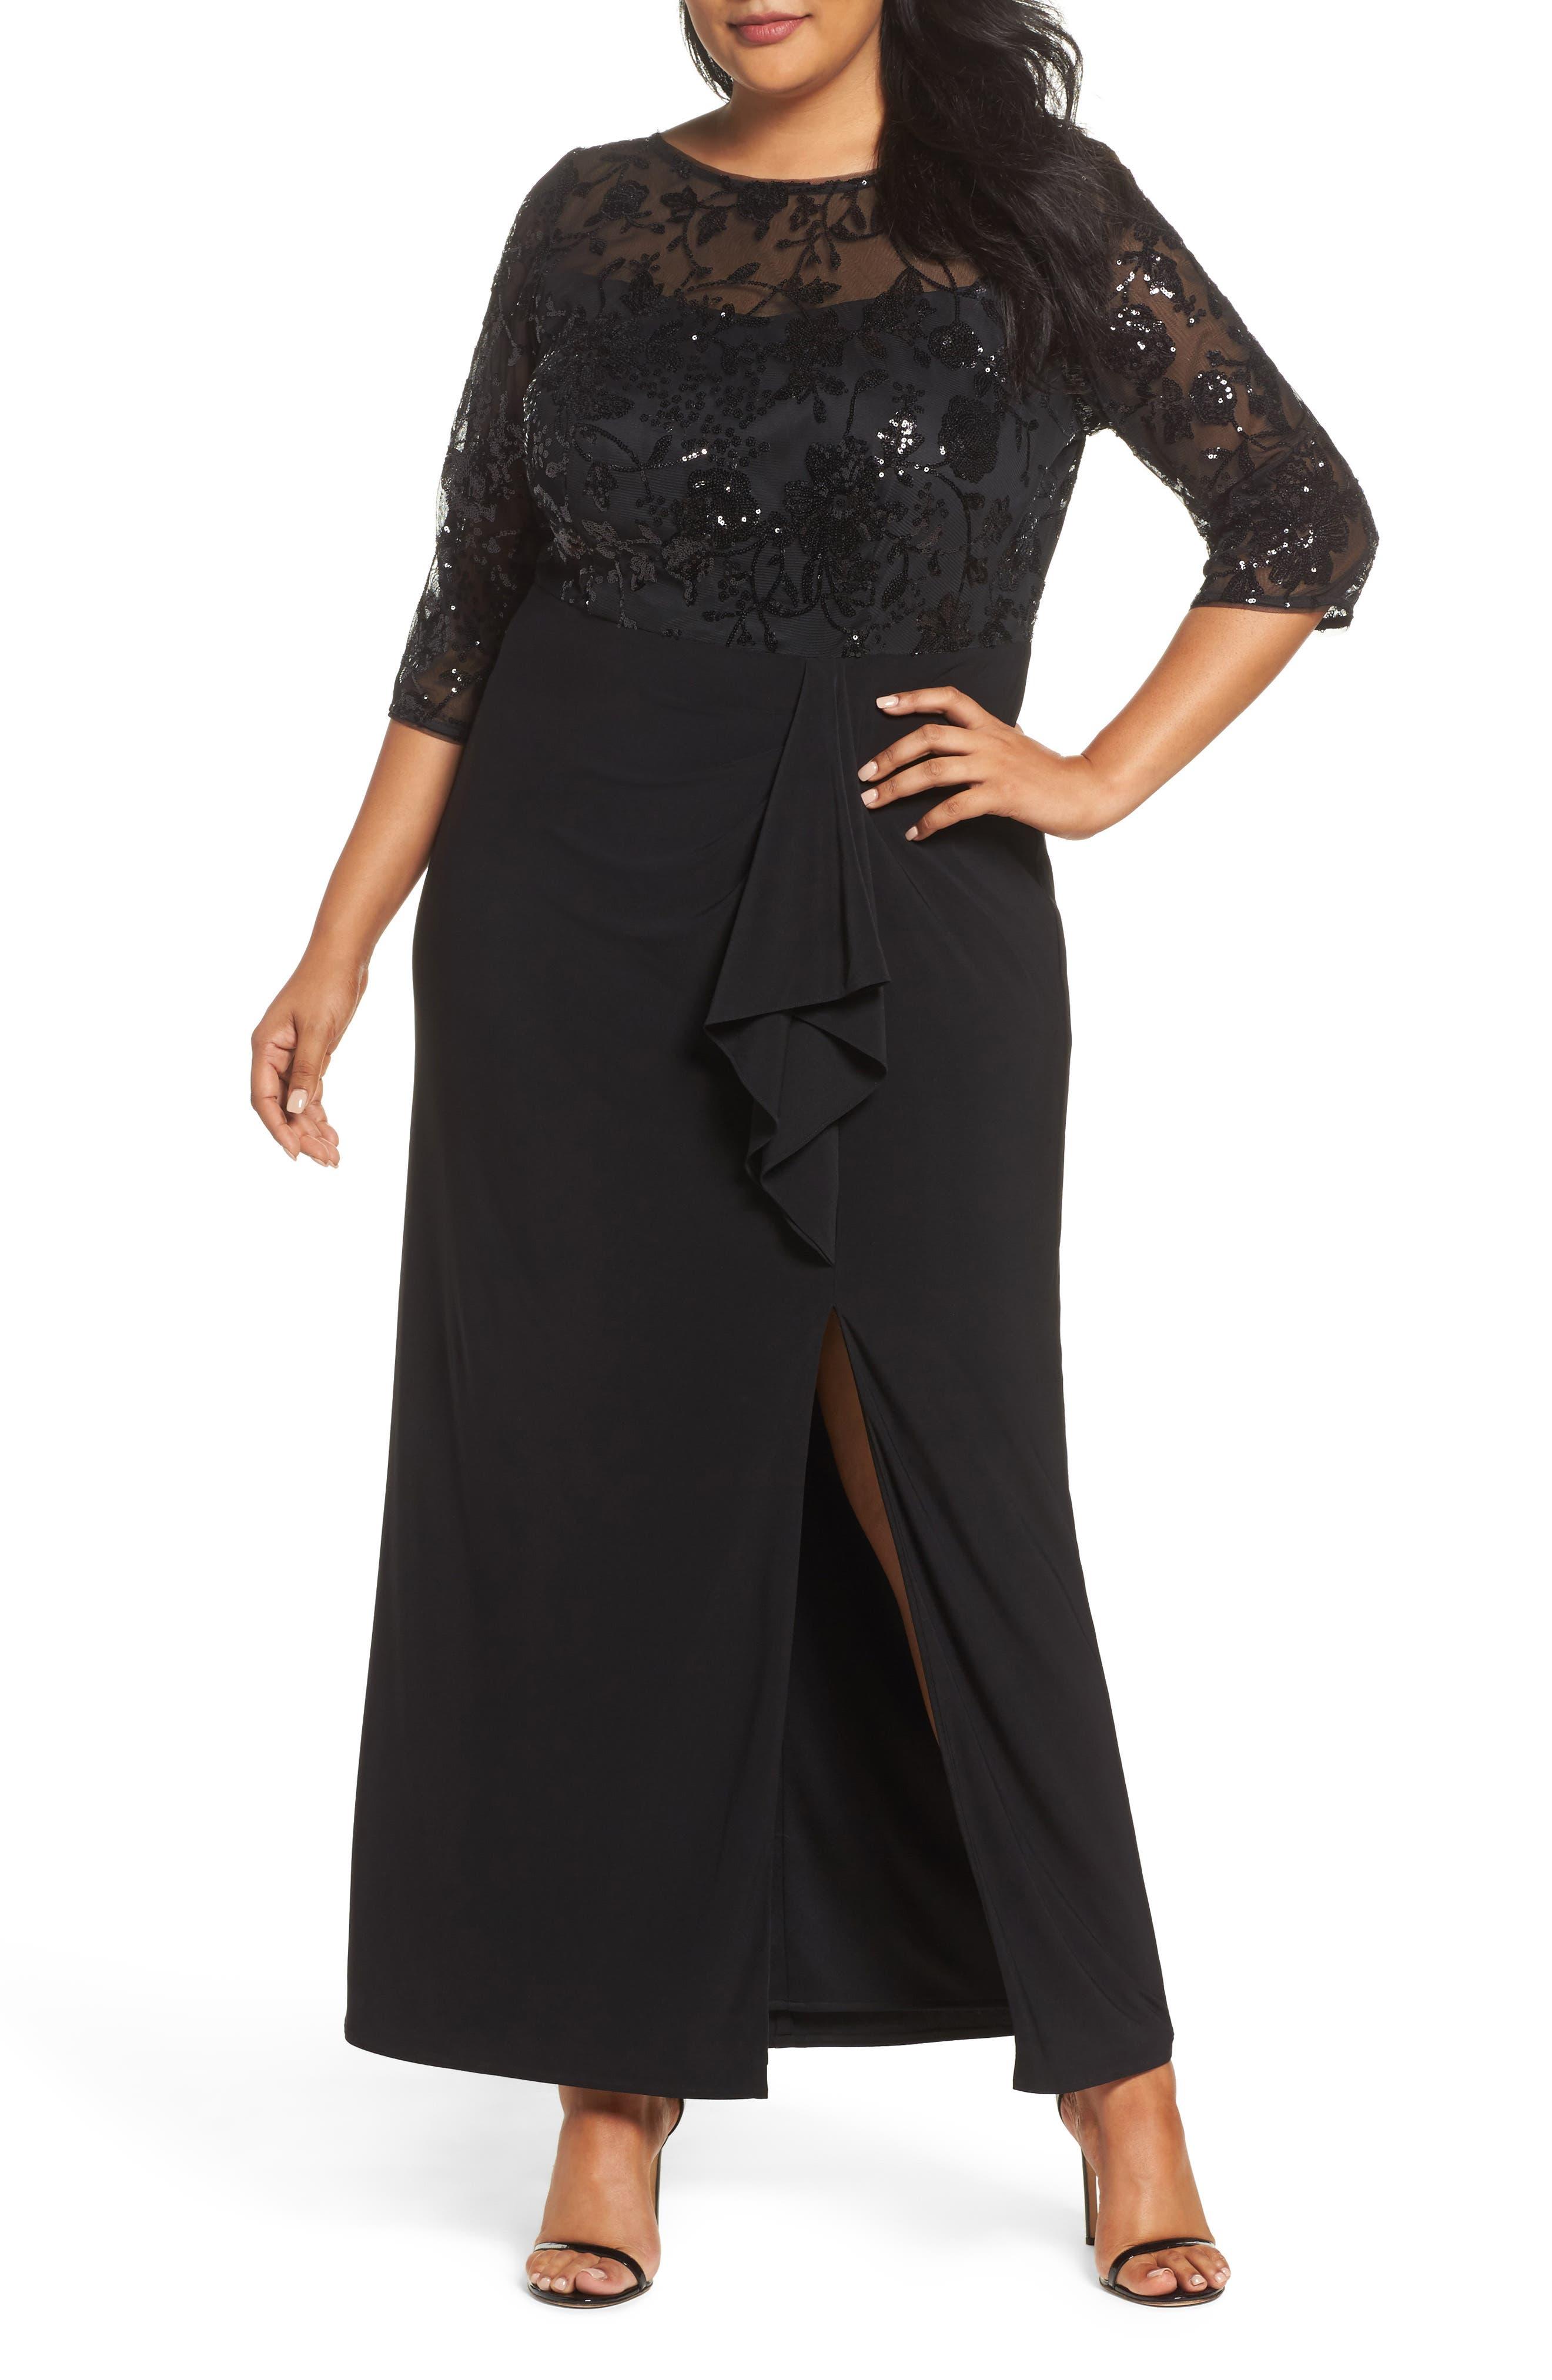 Main Image - Alex Evenings Sequin Mesh & Jersey Column Gown (Plus Size)